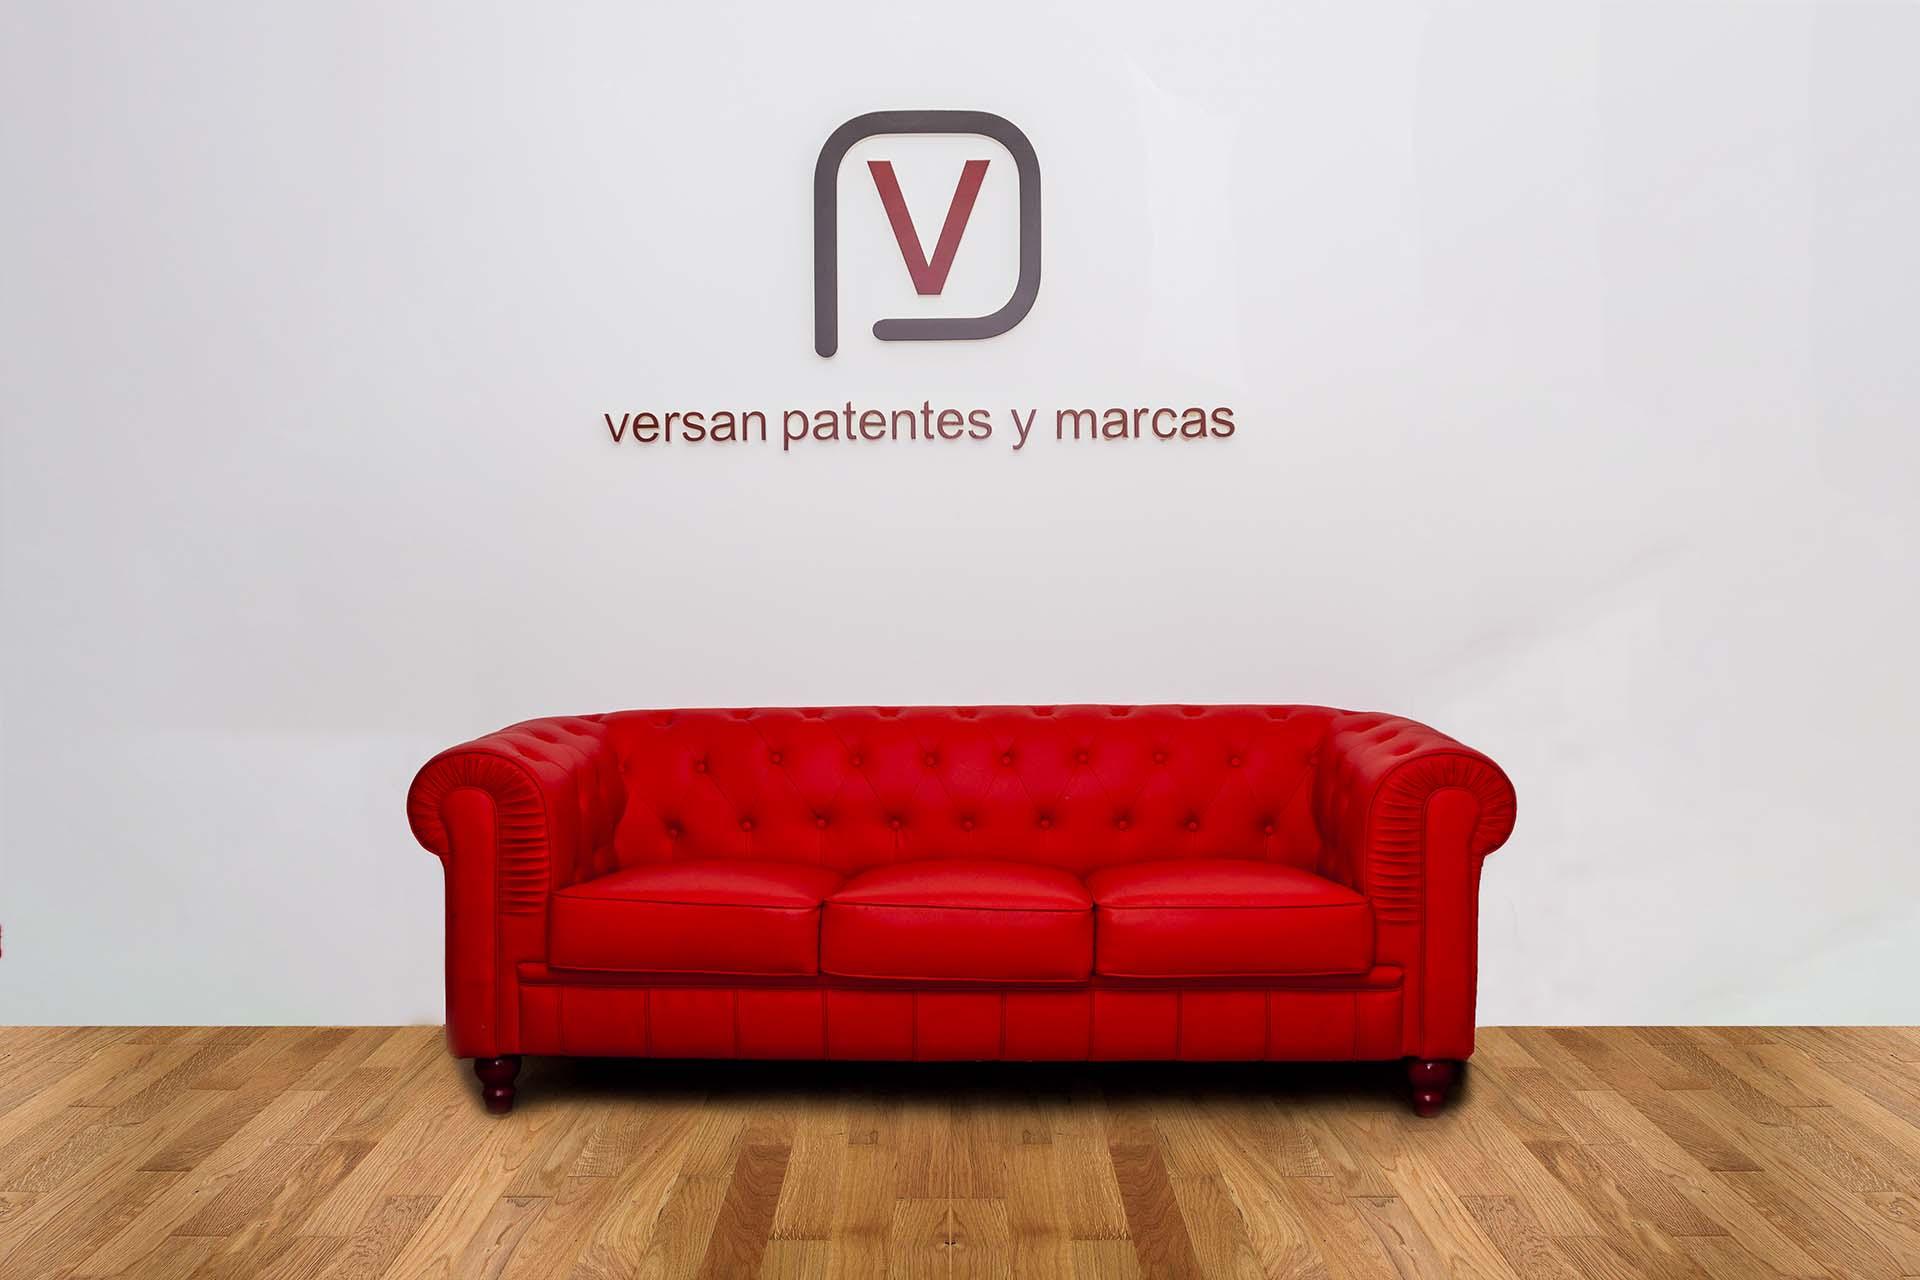 patentes y marcas versan